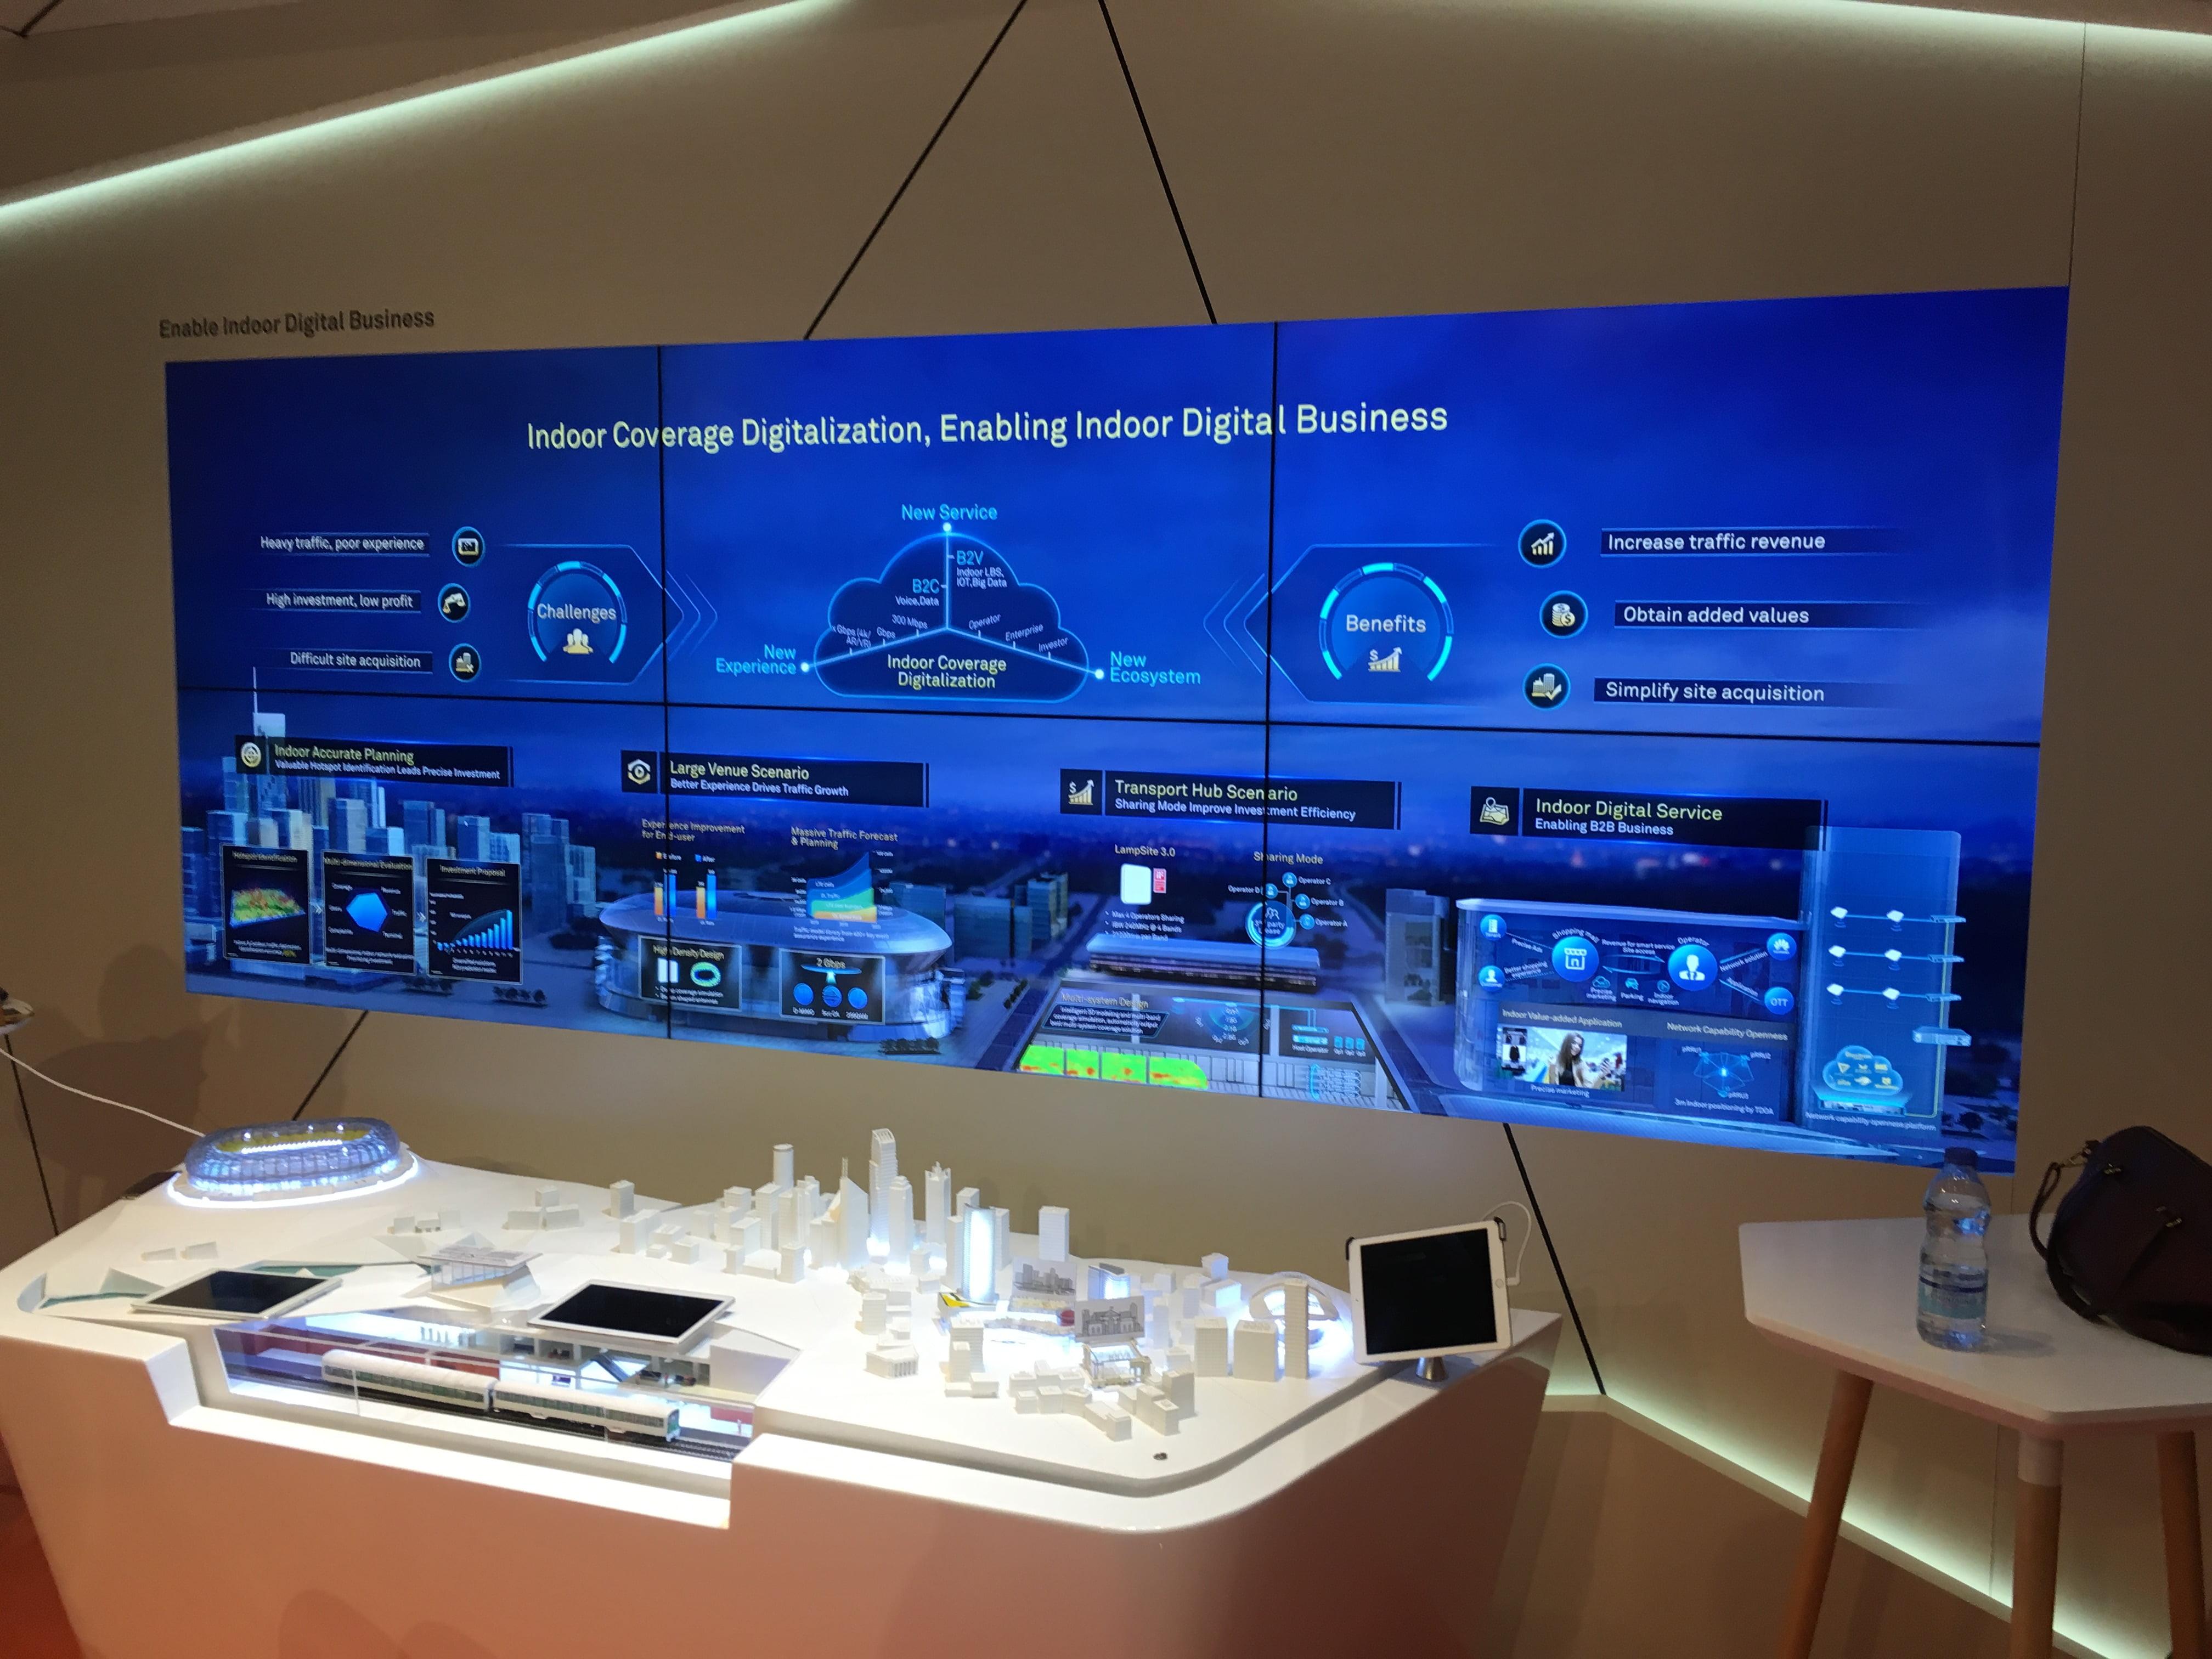 #Divergent #digital #agenda post-smartphones #Huawei